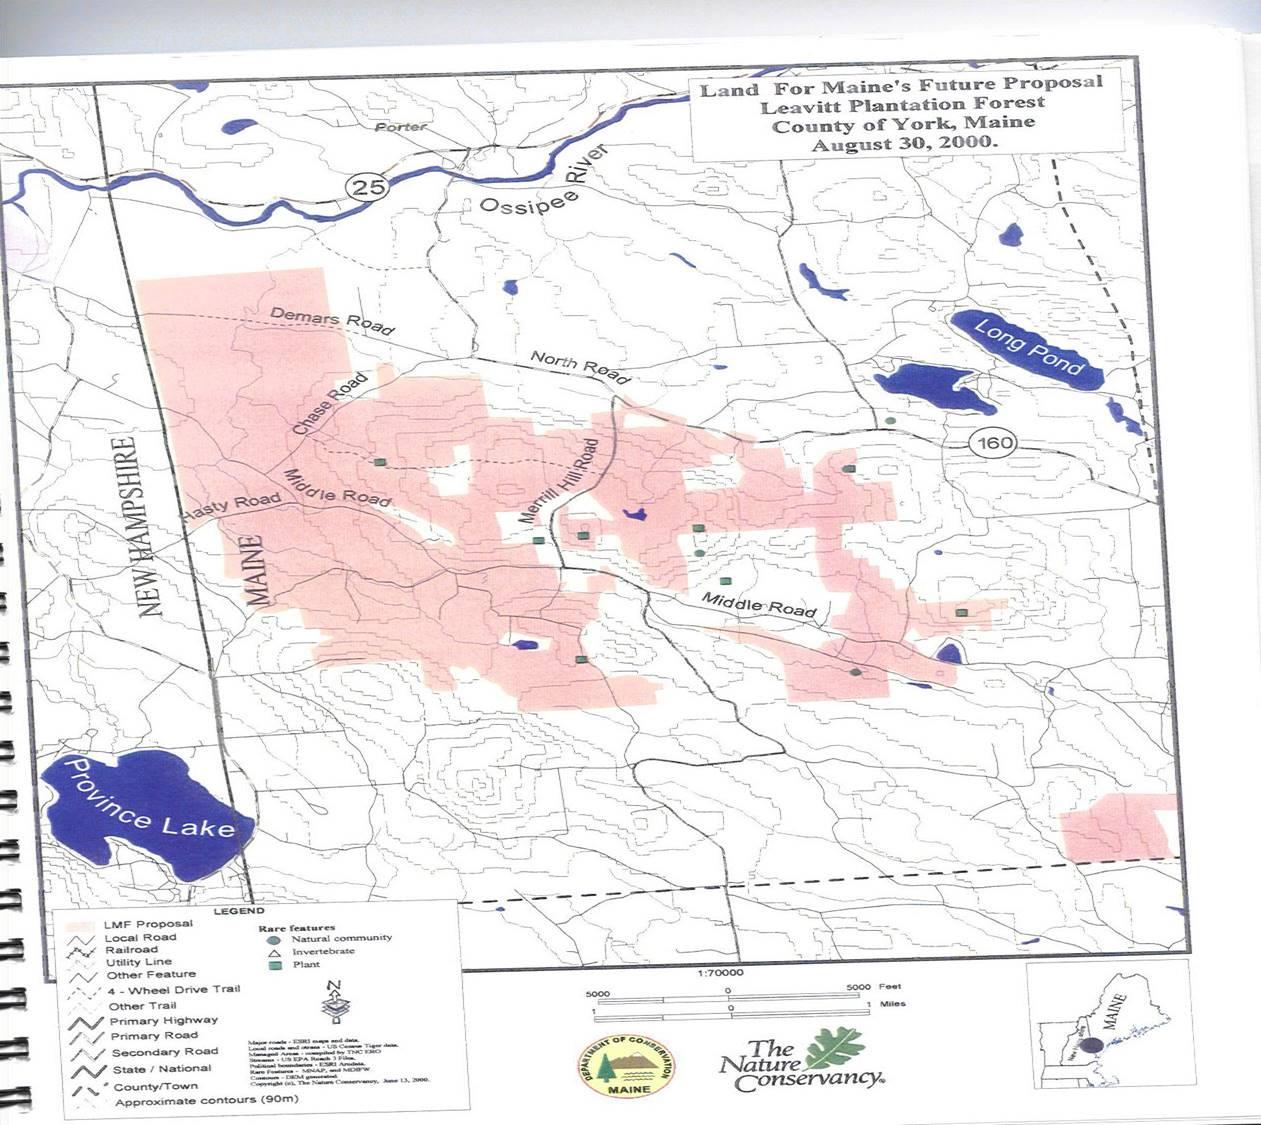 Leavitt Plantation Land 2000